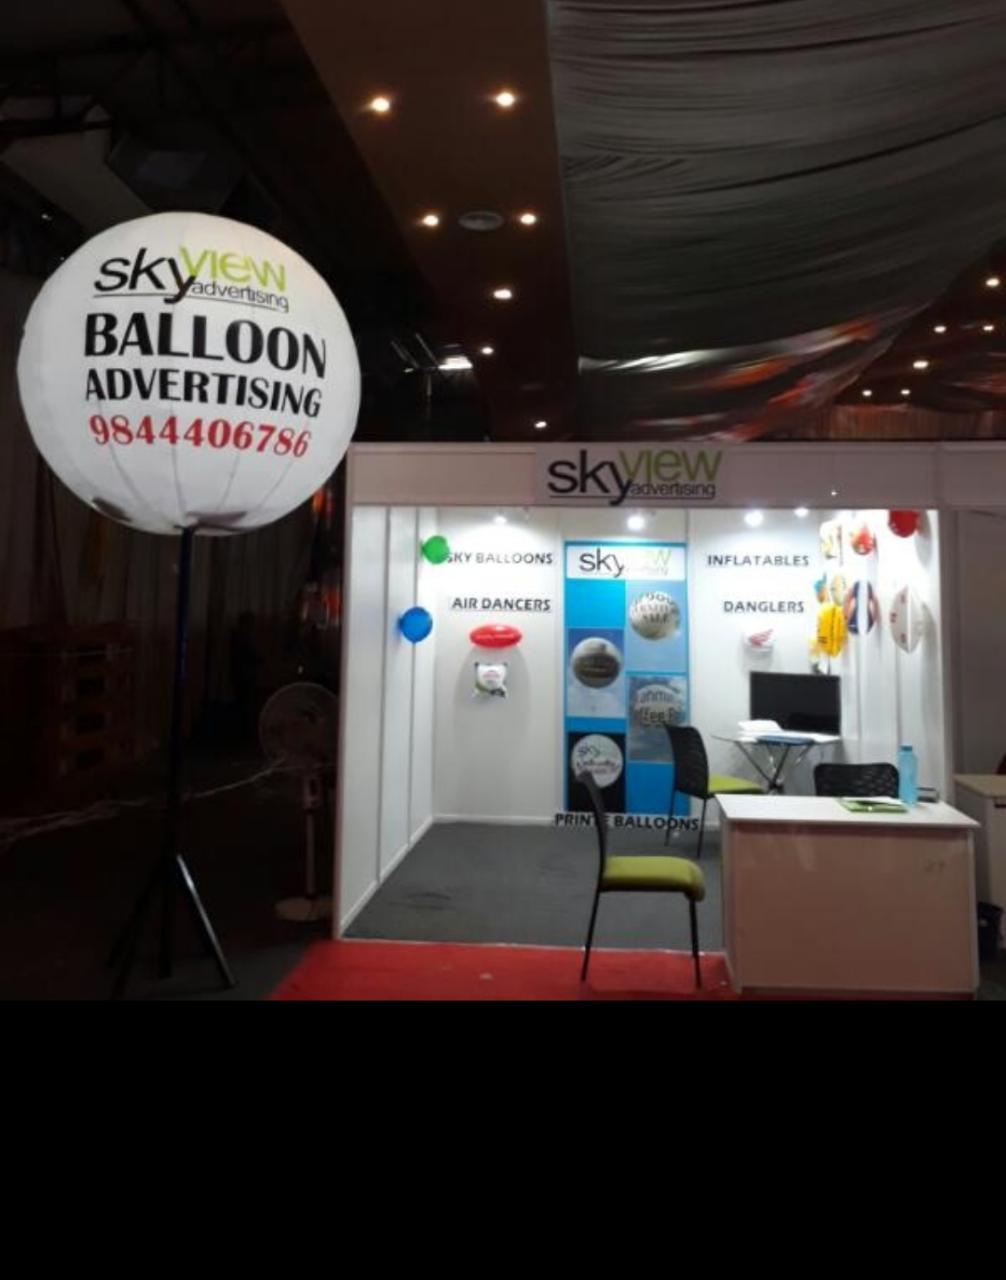 skyviewadvertisingballoon, advertismentballoon,